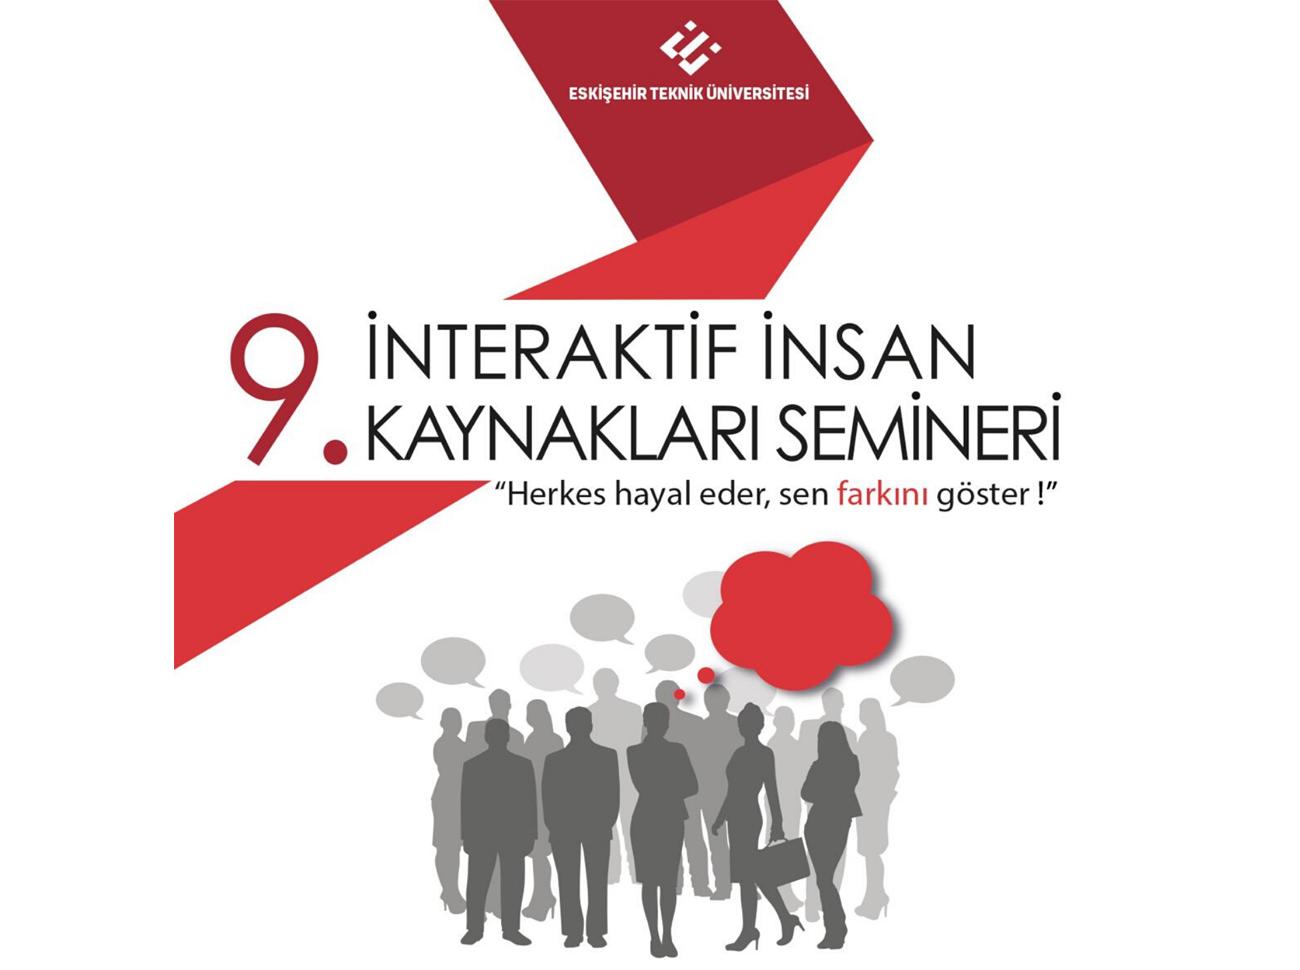 İnteraktif İnsan Kaynakları Semineri 14 Aralık'ta